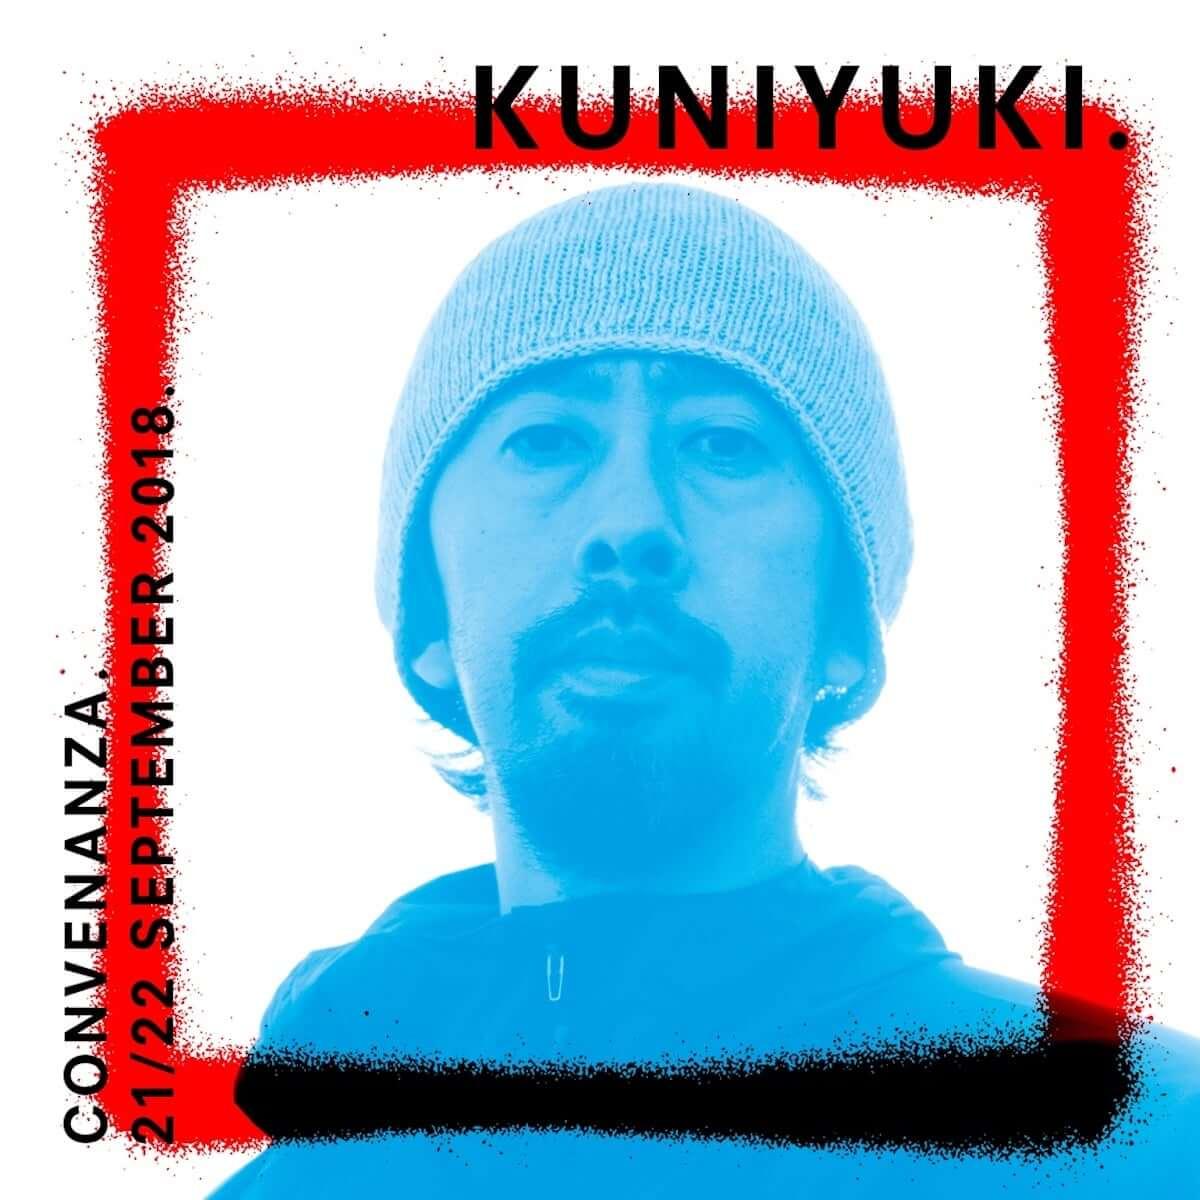 アンドリュー・ウェザオール主催の古城フェス「CONVENANZA」に唯一日本人としてKuniyukiが出演決定 music180909-andrewweatherall-kuniyuki-3-1200x1200